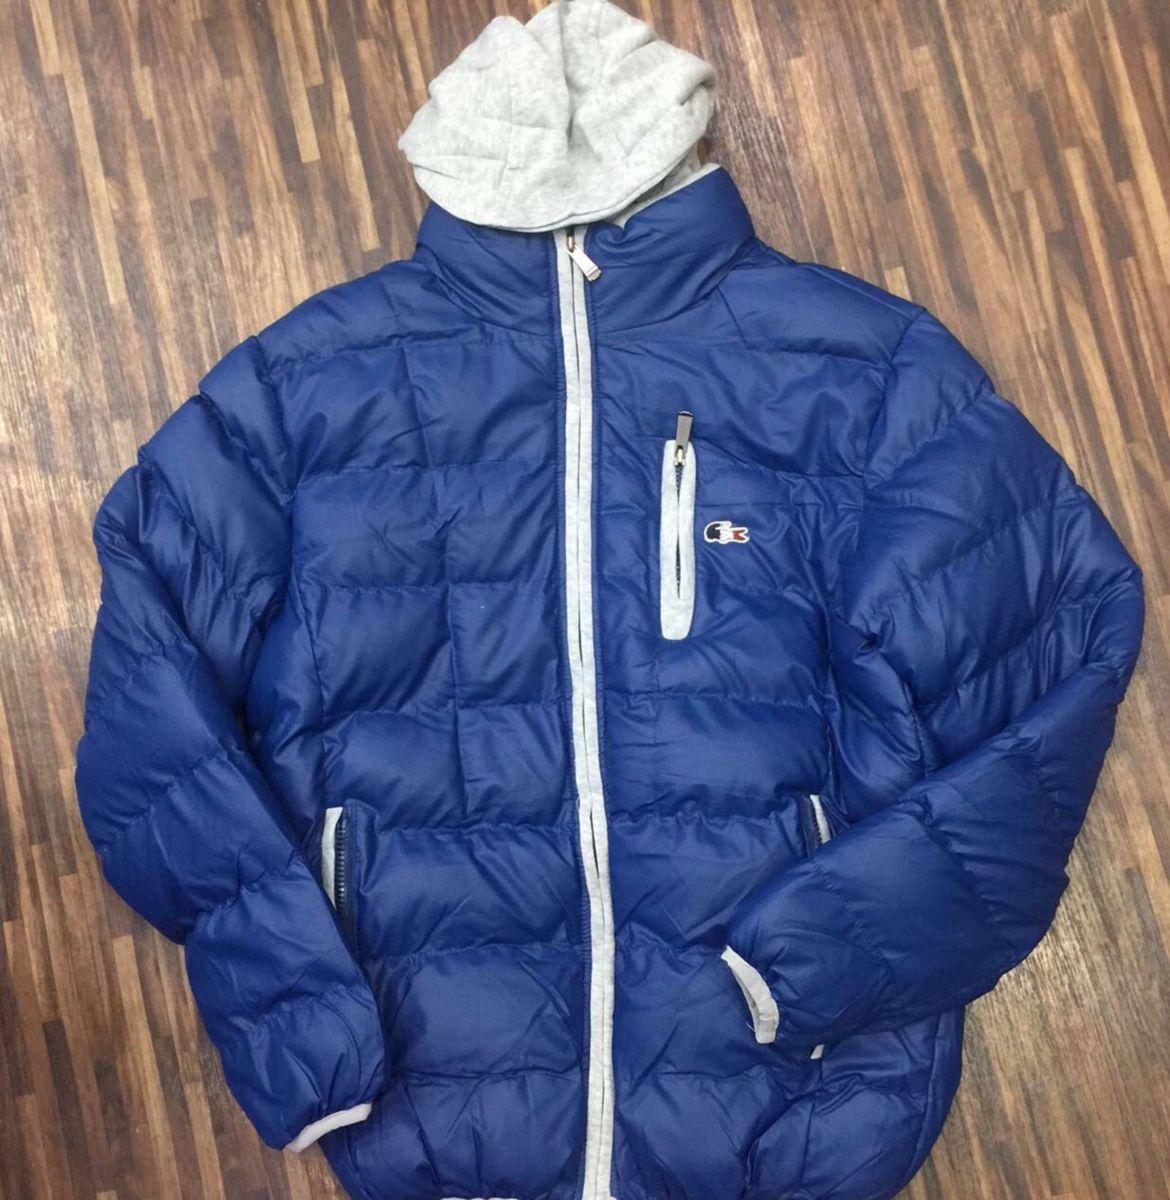 ad7930fc790a4 jaqueta lacoste original - casacos lacoste.  Czm6ly9wag90b3muzw5qb2vplmnvbs5ici9wcm9kdwn0cy81ntuznti3lzcxodnmywfkzgq2zduzzmzhywq3mgixntk2mgu0mmvmlmpwzw  ...